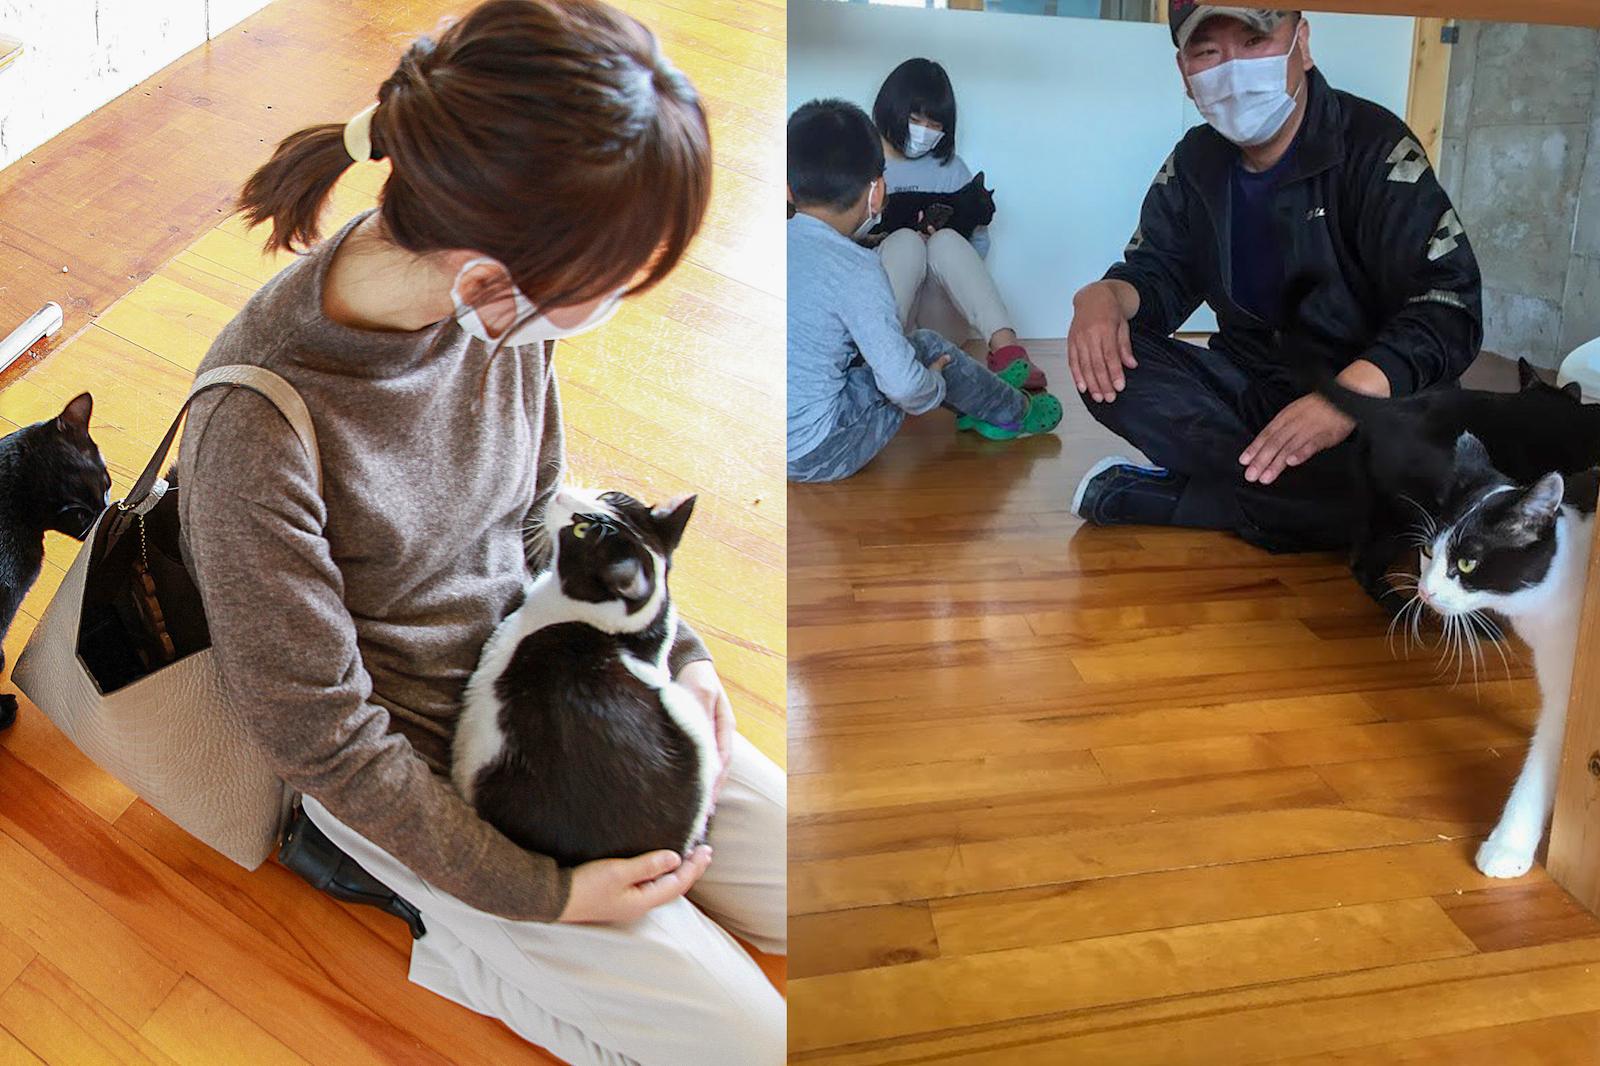 譲渡会は日曜の10時から16時まで(平日は要予約)。猫とのふれあい目的のみでもOK